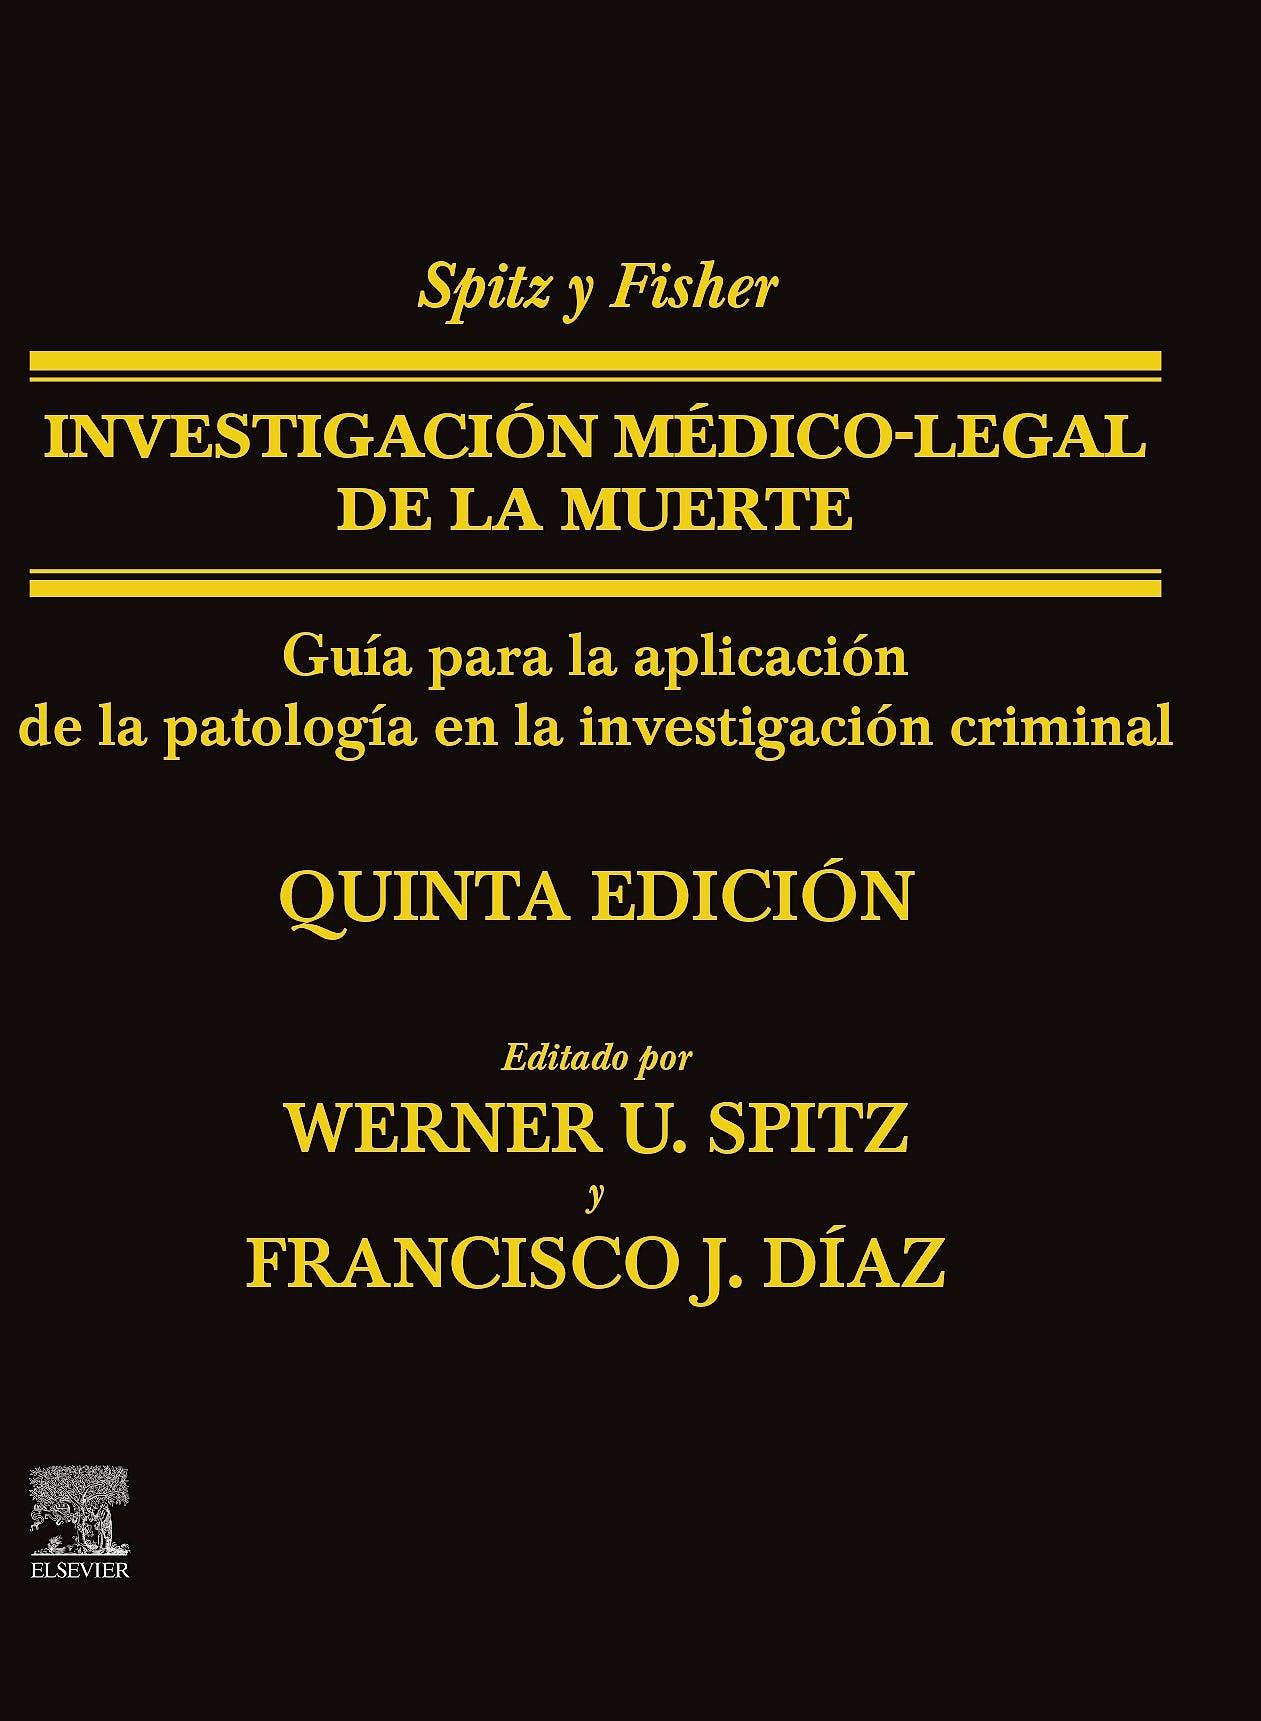 Portada del libro 9788491139638 SPITZ y FISHER Investigación Médico-Legal de la Muerte. Guía para la Aplicación de la Patología a la Investigación Criminal